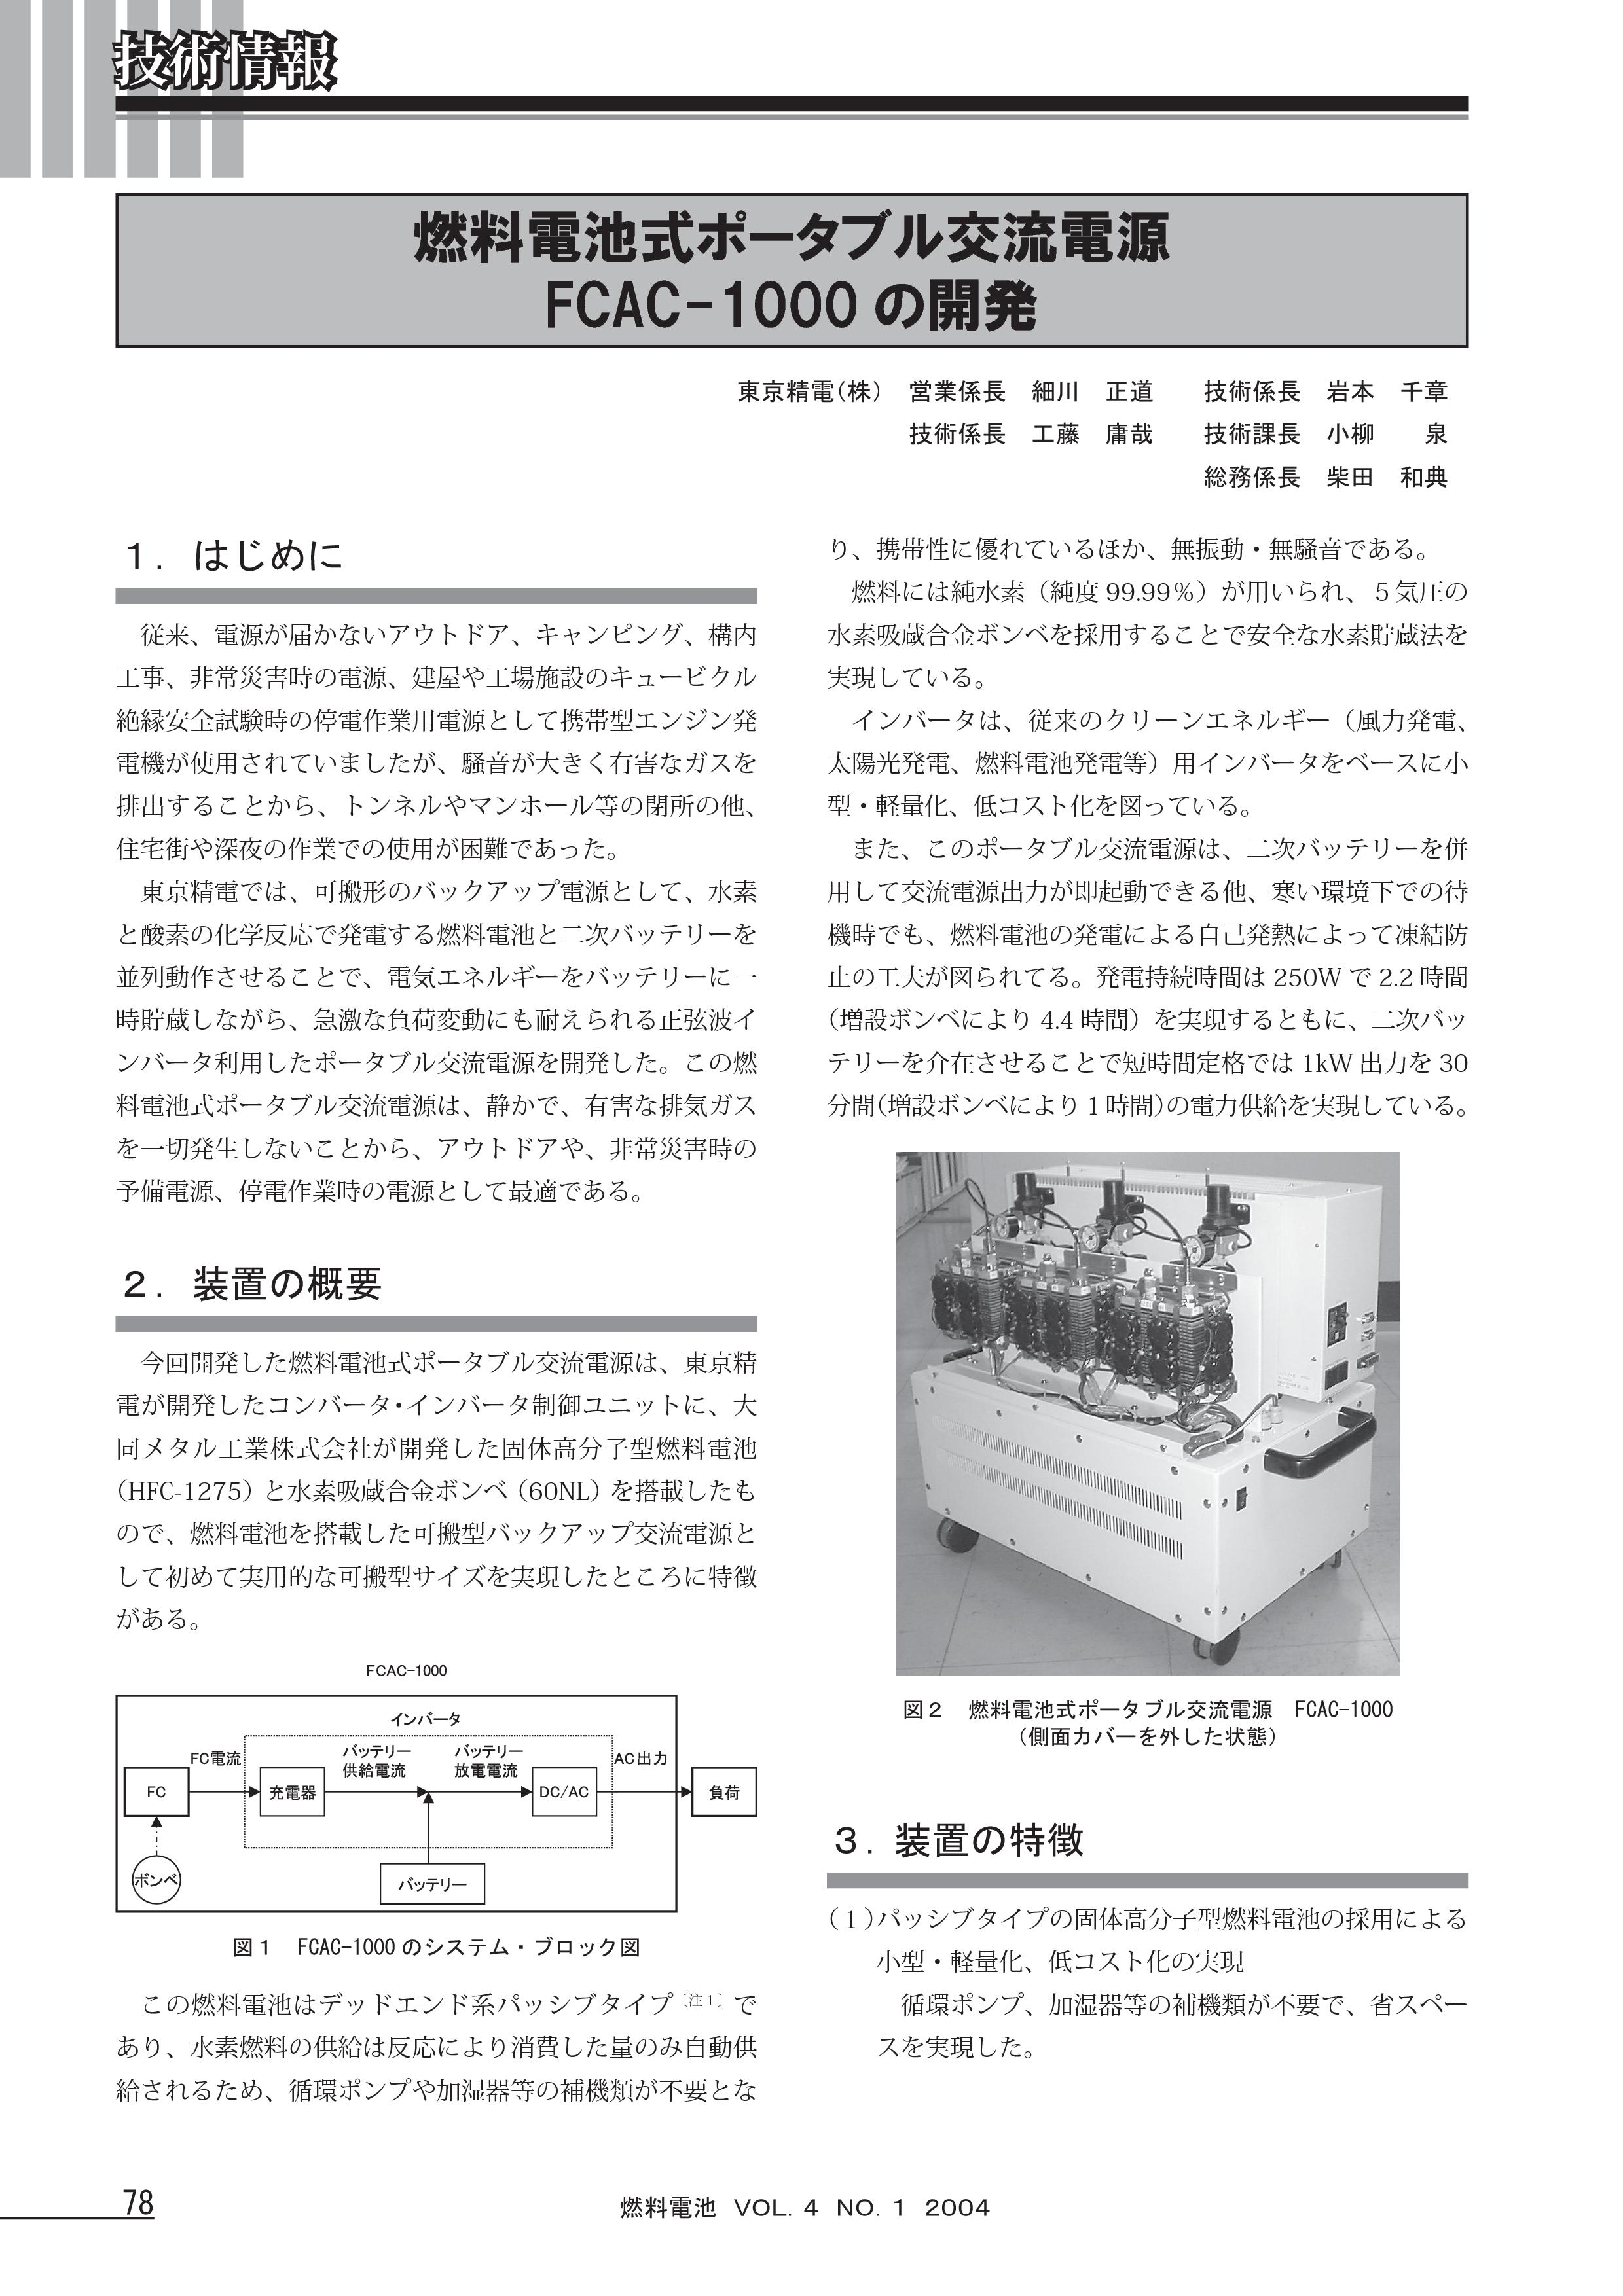 G_fcac-1000_1